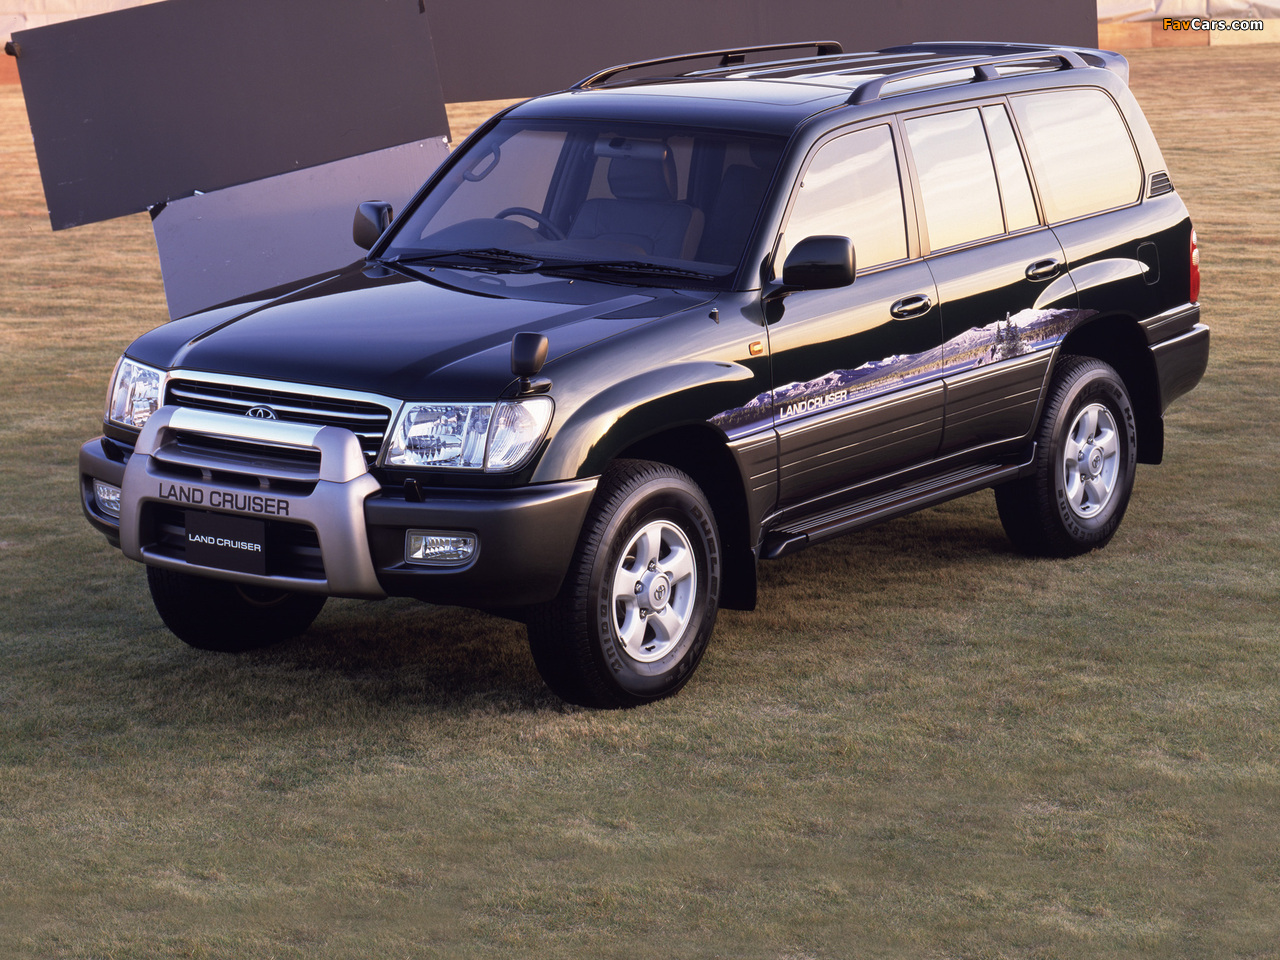 Toyota Land Cruiser 100 Van Vx Limited Field Version